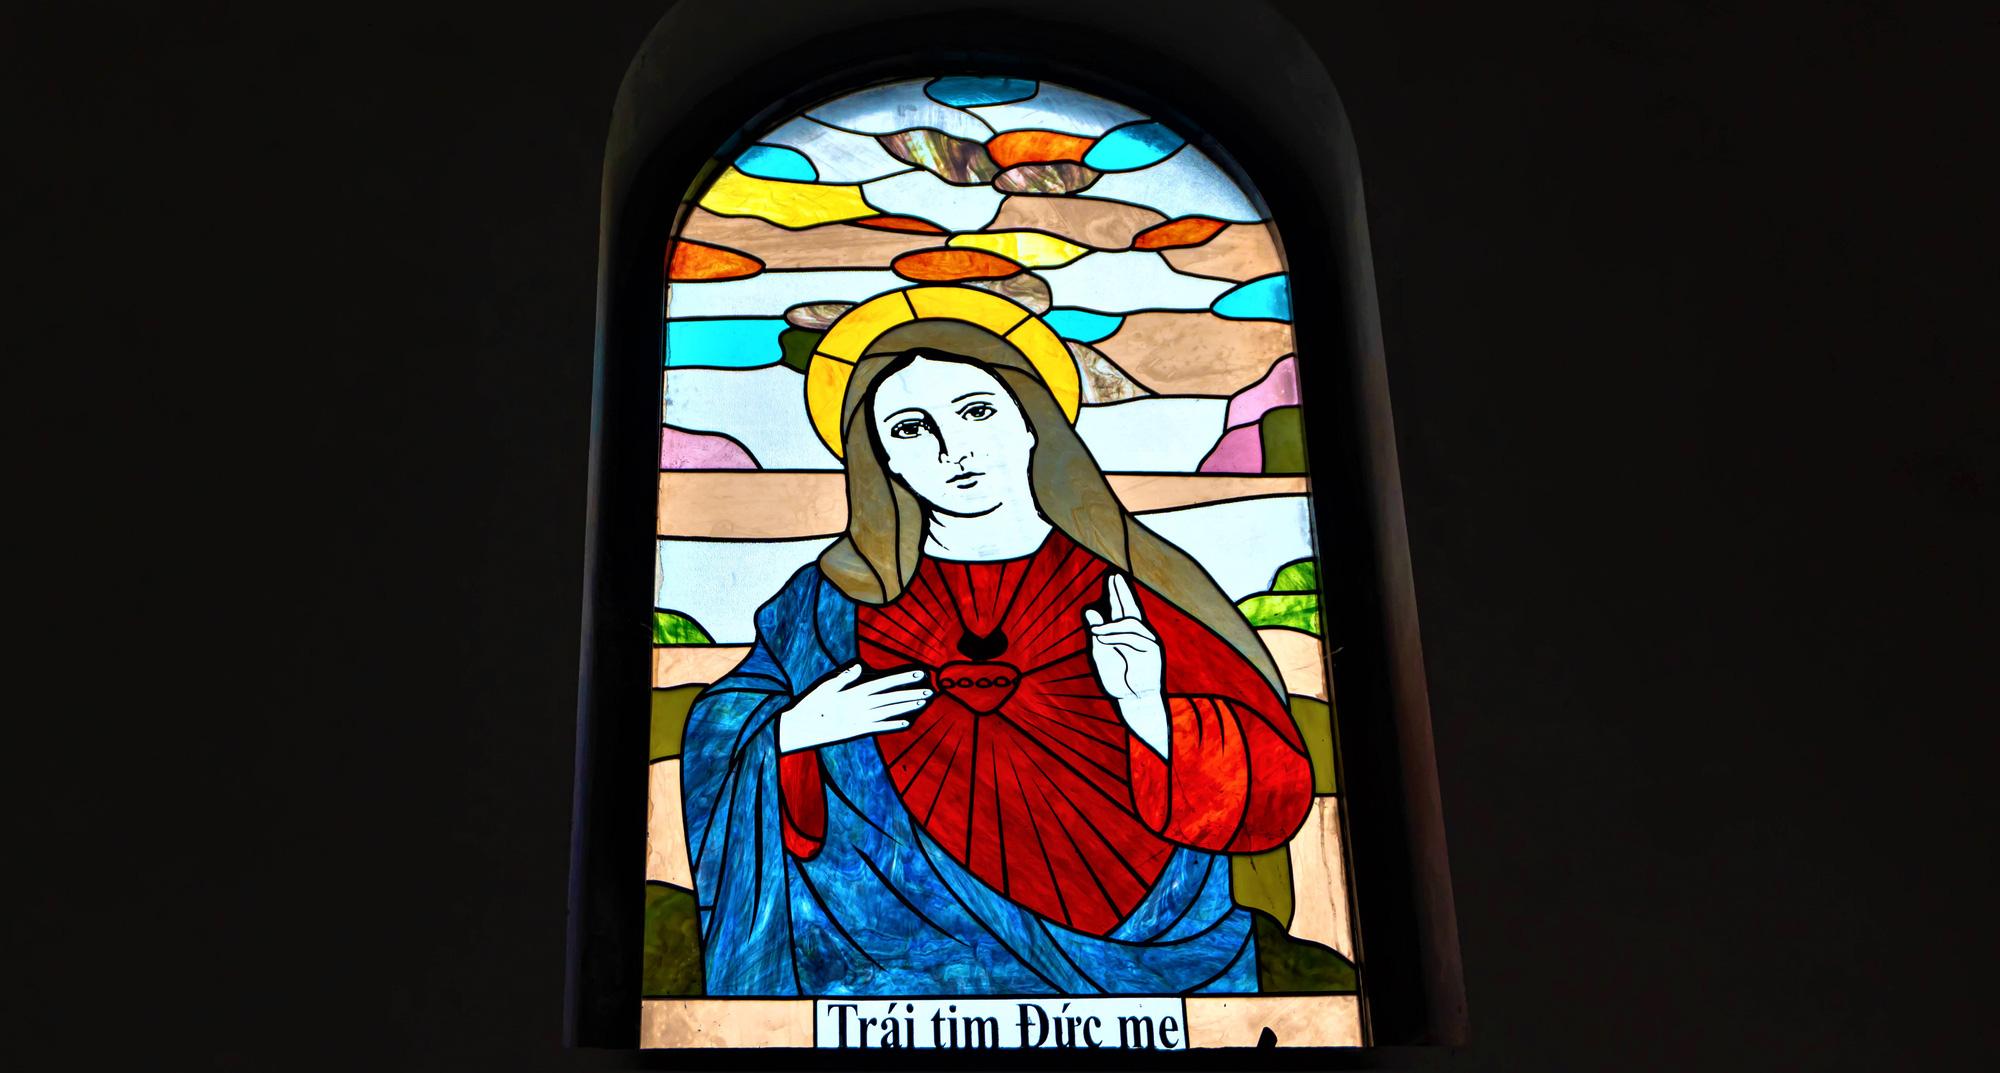 Về thăm nhà thờ Khoái Đồng, nơi thờ hiện thân của ông già Noel - Ảnh 11.